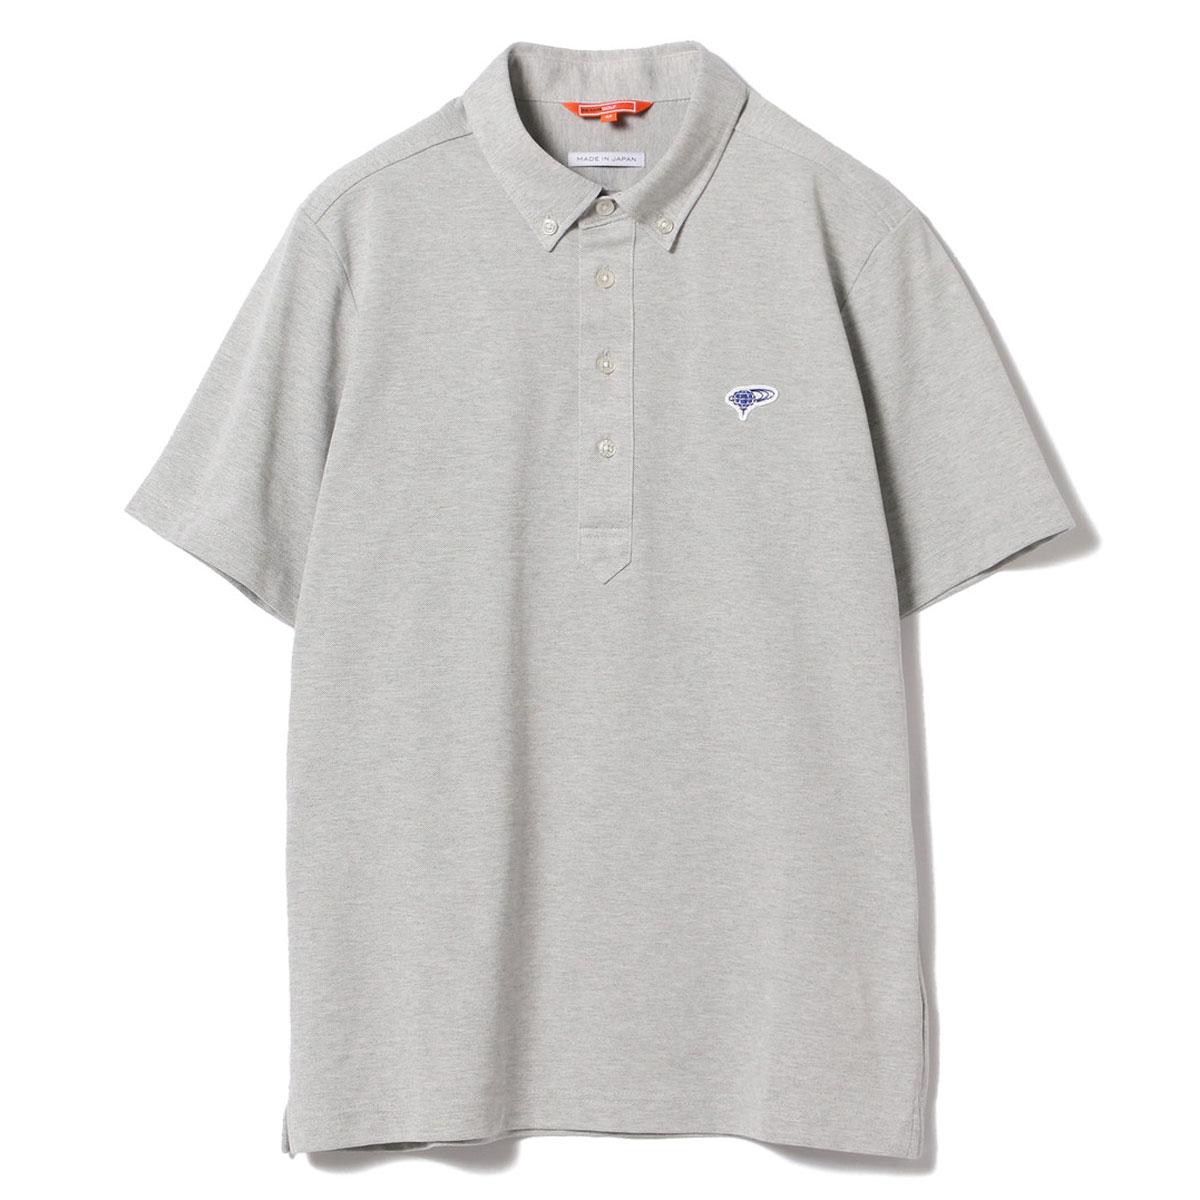 BEAMS GOLF ORANGE LABEL クールマックス ボタンダウン ポロシャツ